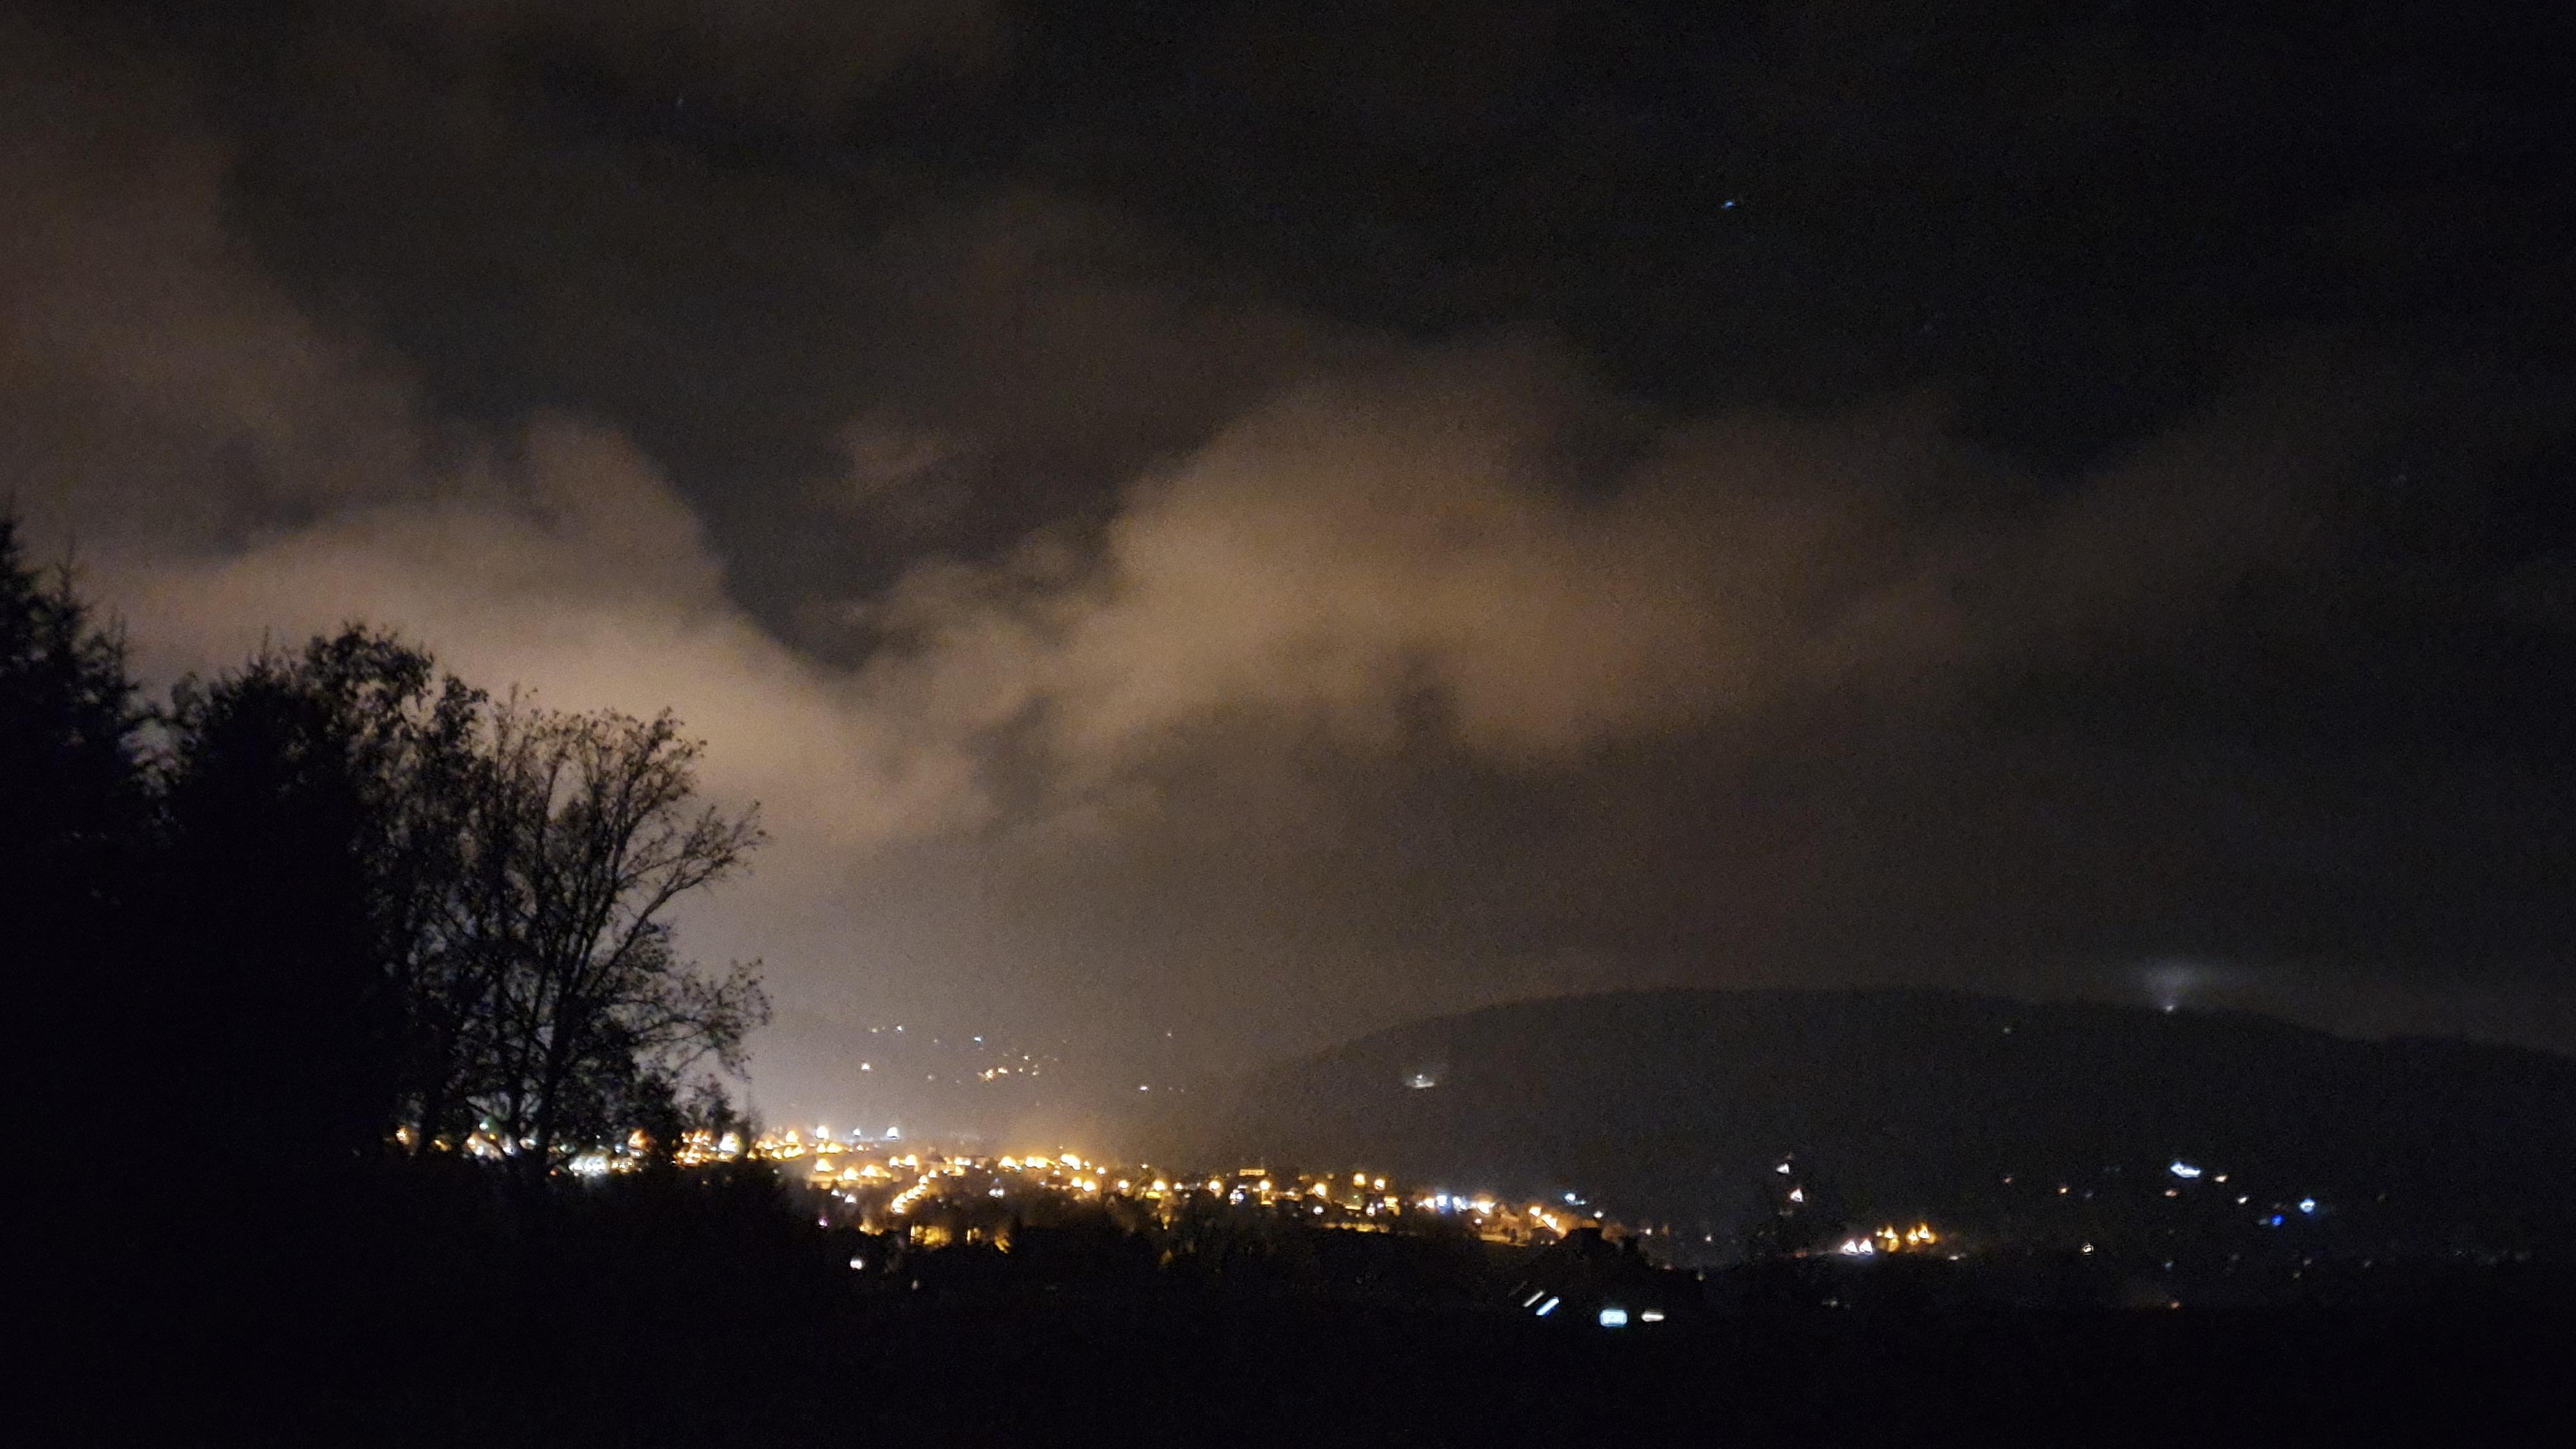 2019-10-29-19.49.26-smog-